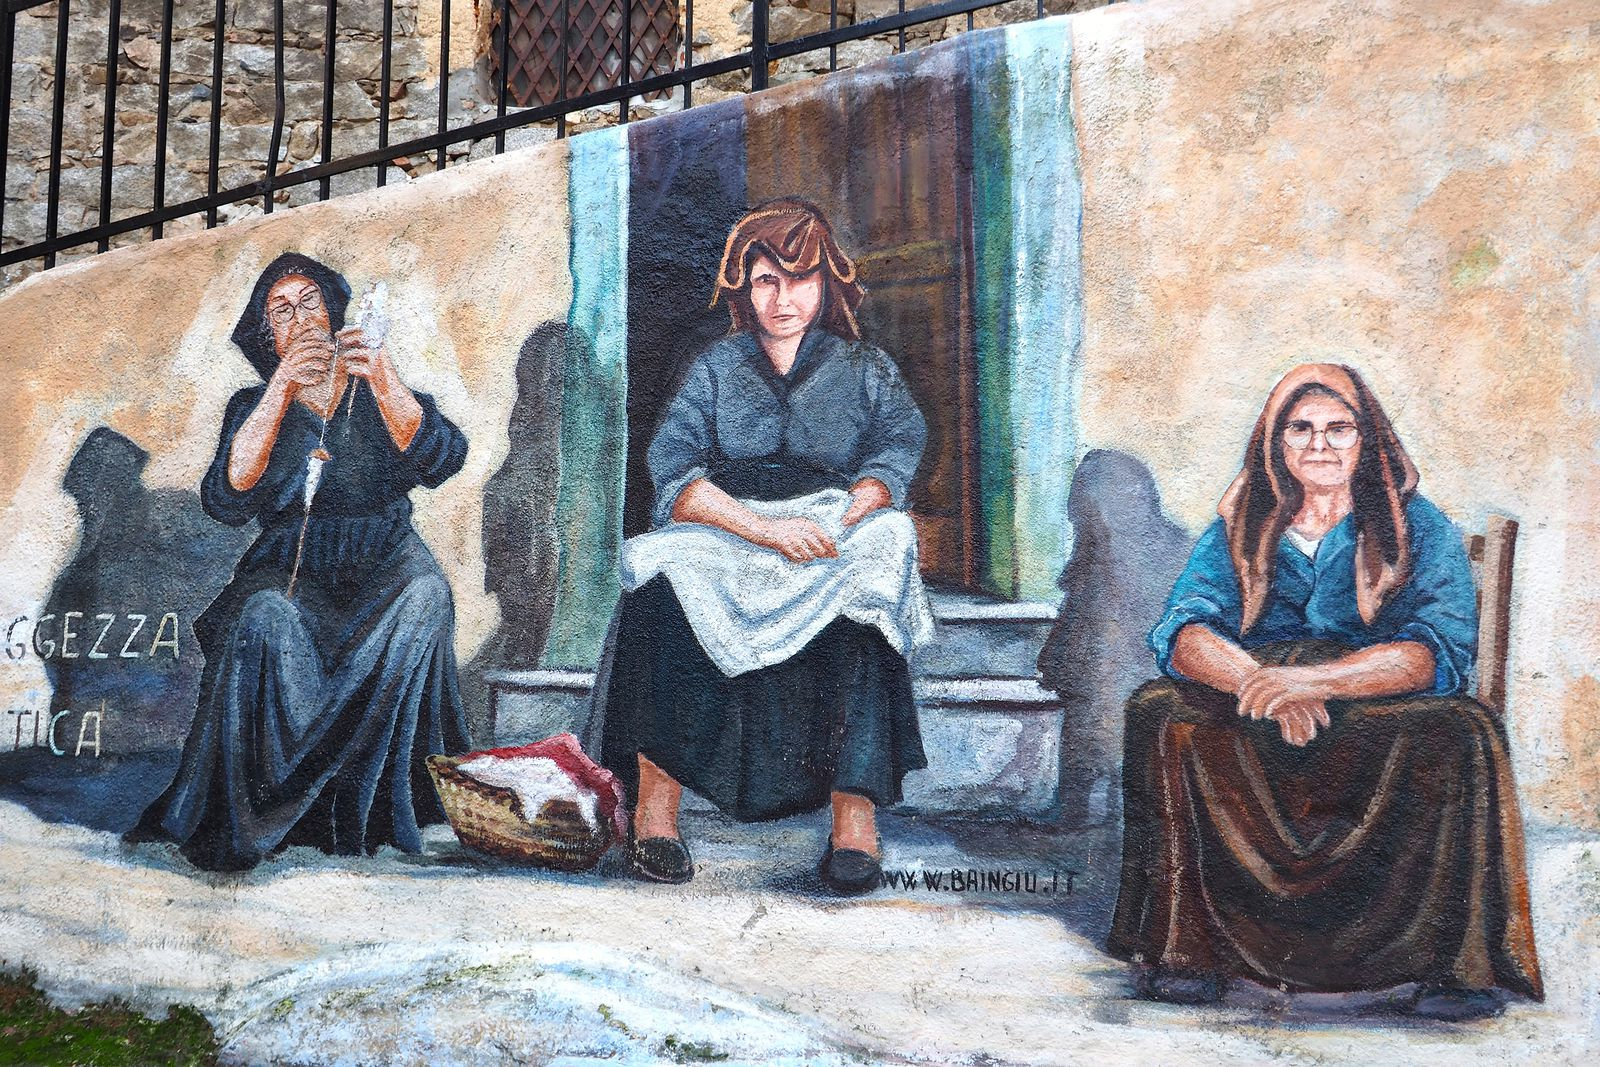 Orgosolo est un village des Supramonte situé près de Nuoro, la troisième ville de l'île. Il se caractérise par de très nombreuses peintures murales, souvent en rapport avec l'histoire, la politique, l'écologie... Voir les détails en cliquant sur le lien ci-dessous.